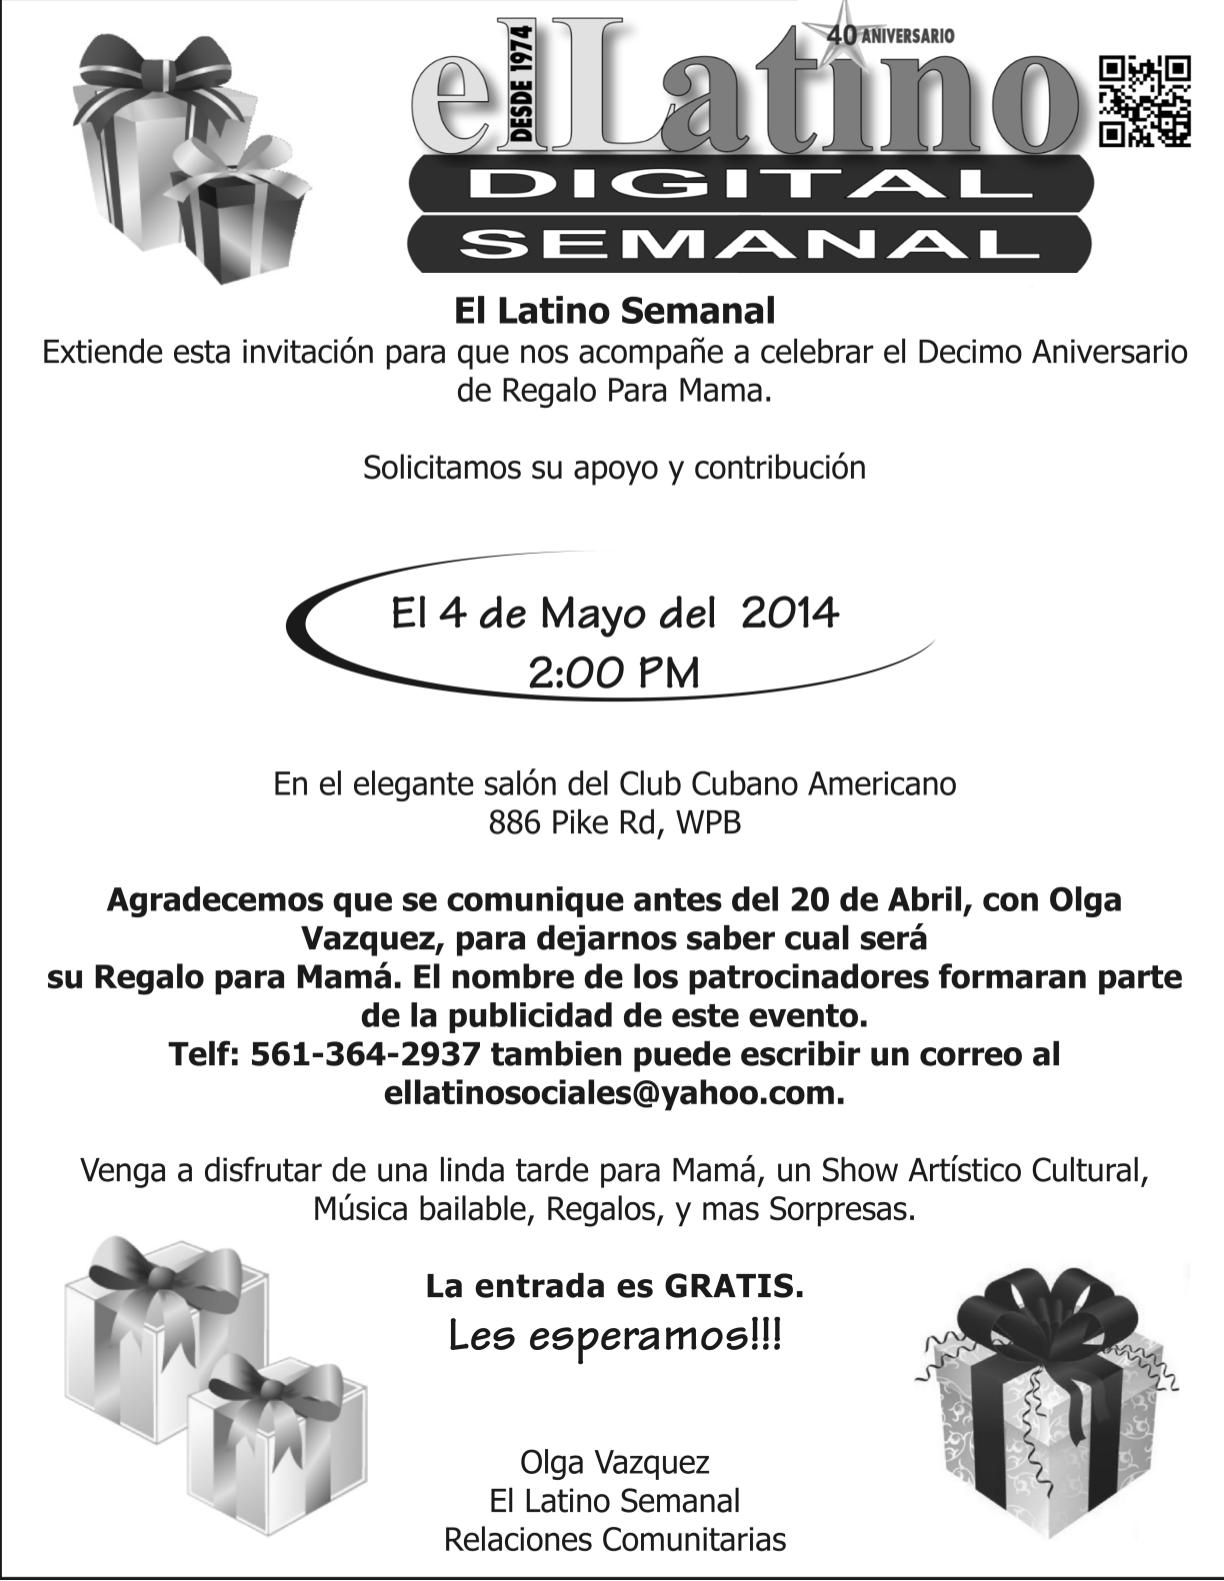 regalo_para_mama 2014-2